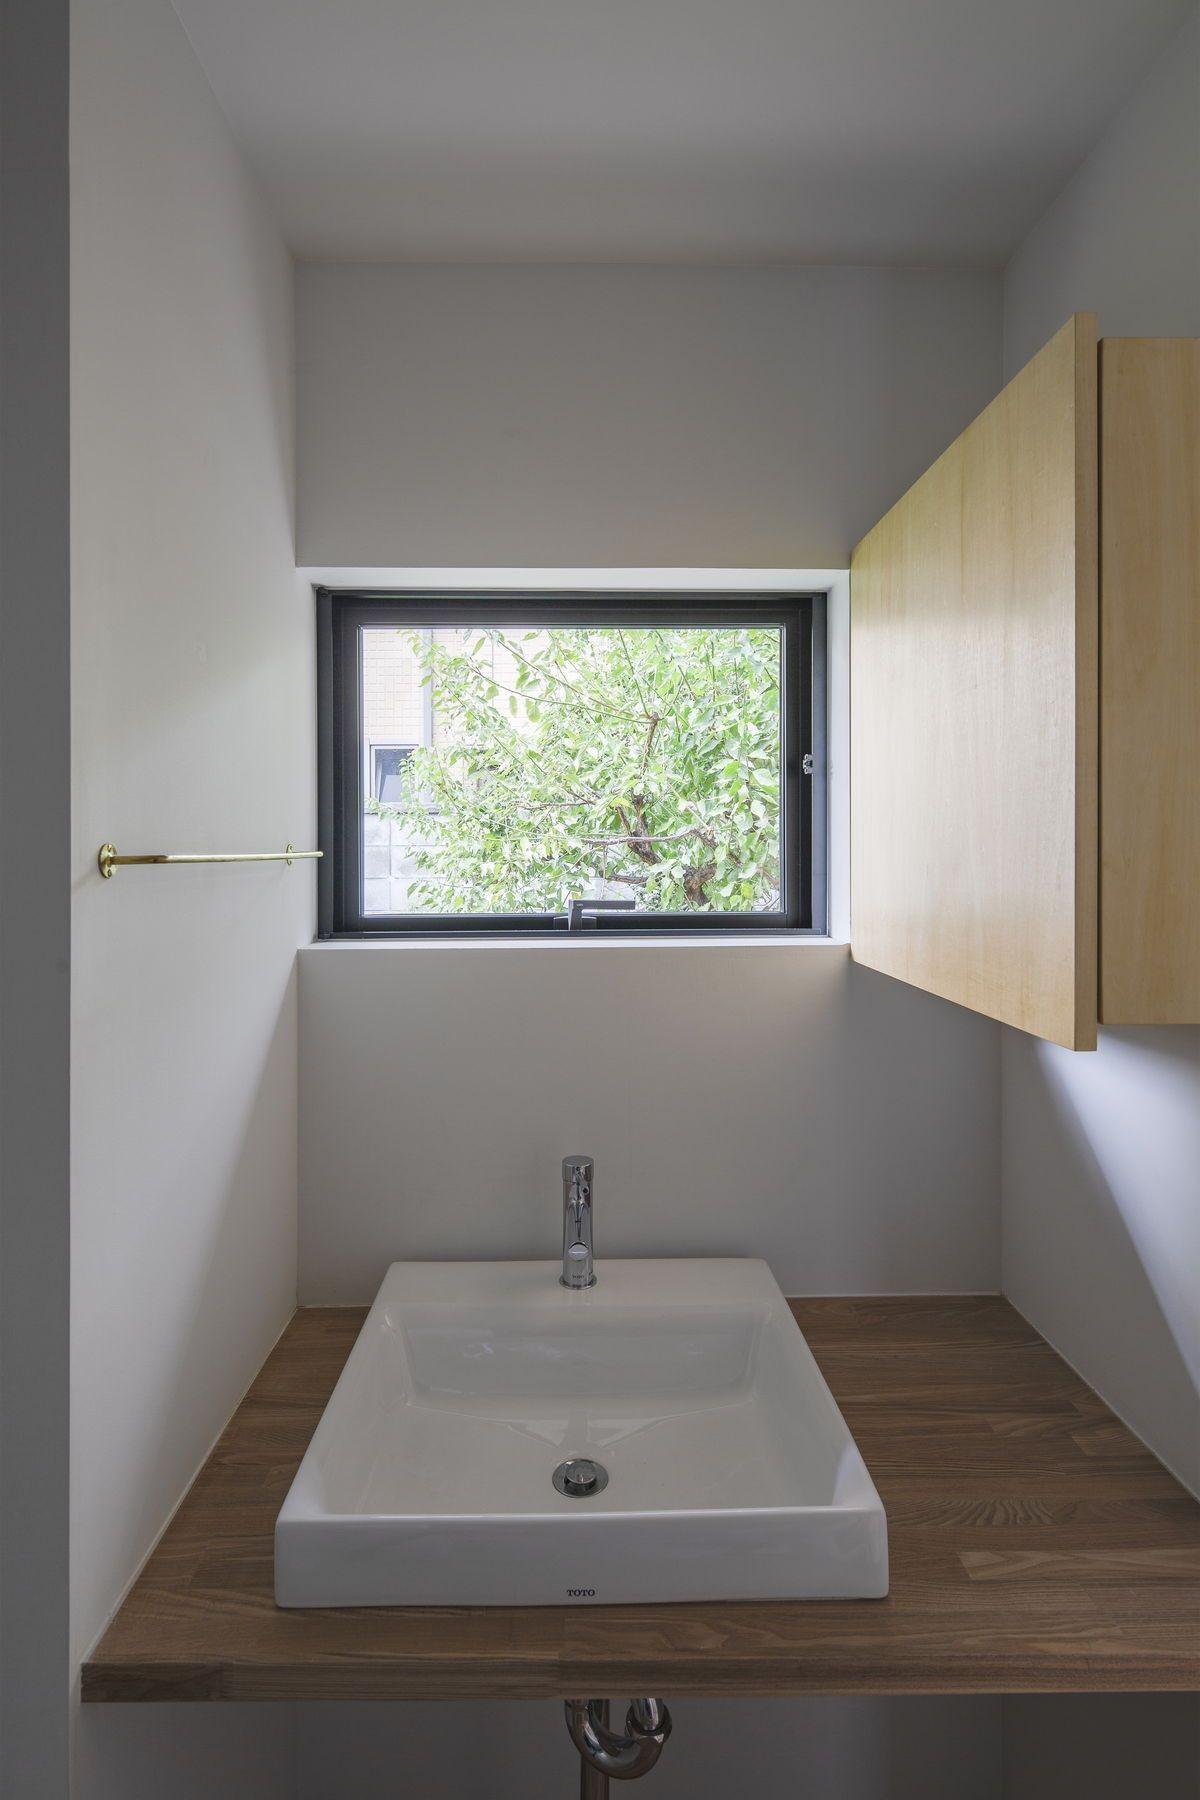 バス/トイレ事例:佐保路の家||奈良町家のリノベーション(佐保路の家|奈良町家のリノベーション【奈良市】)